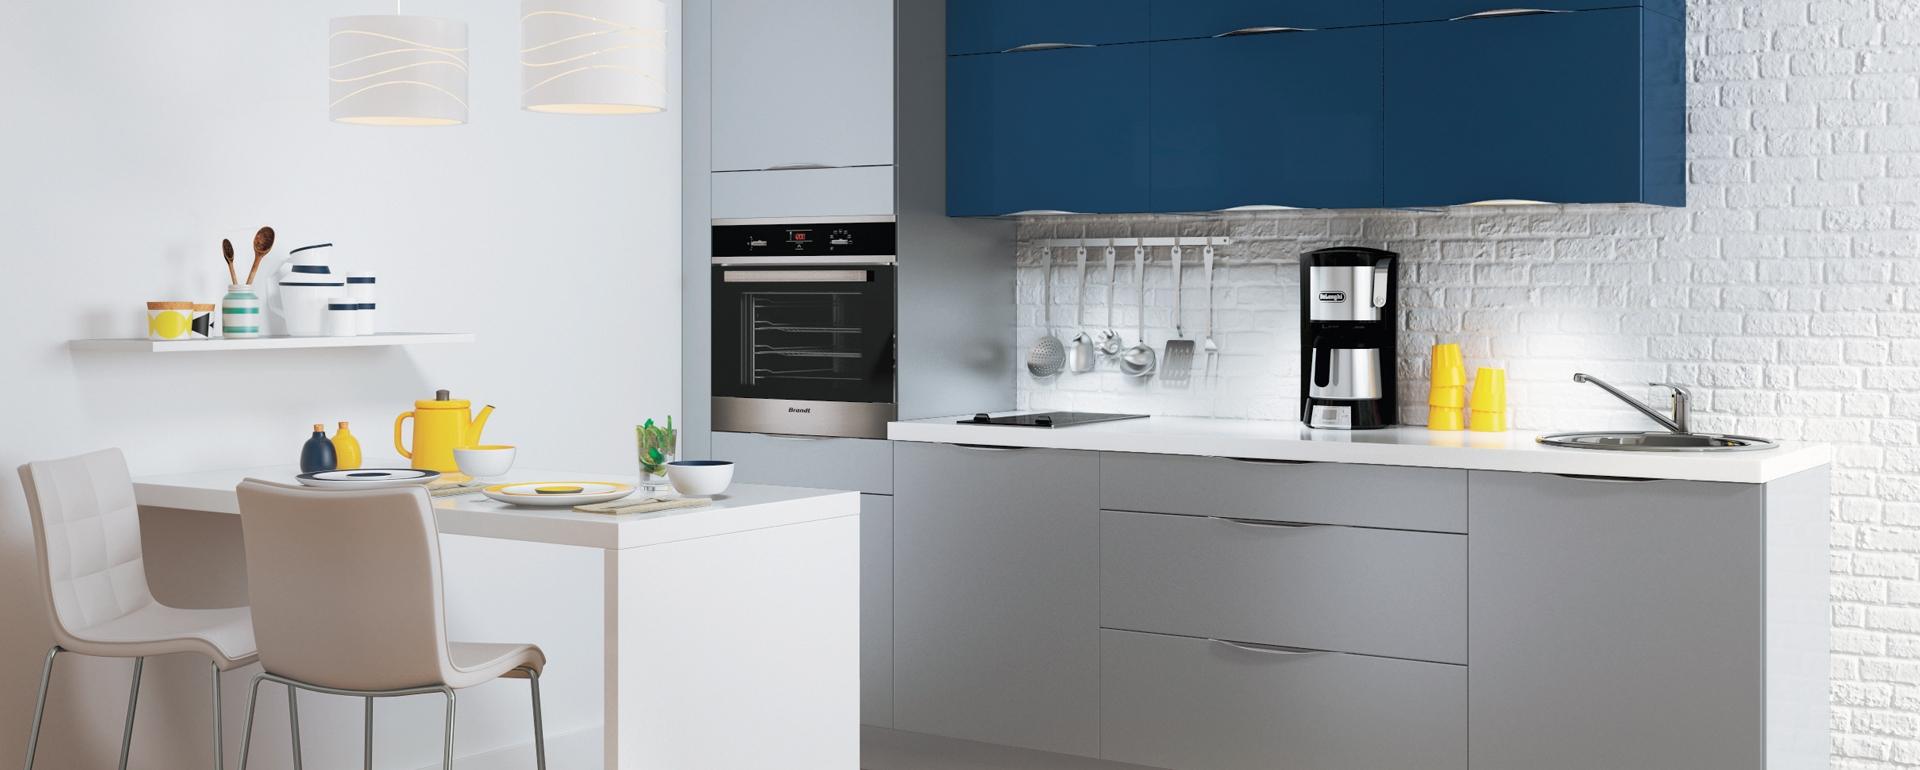 Dessiner une maison trouvez les meilleures for Cuisine equipee bleu